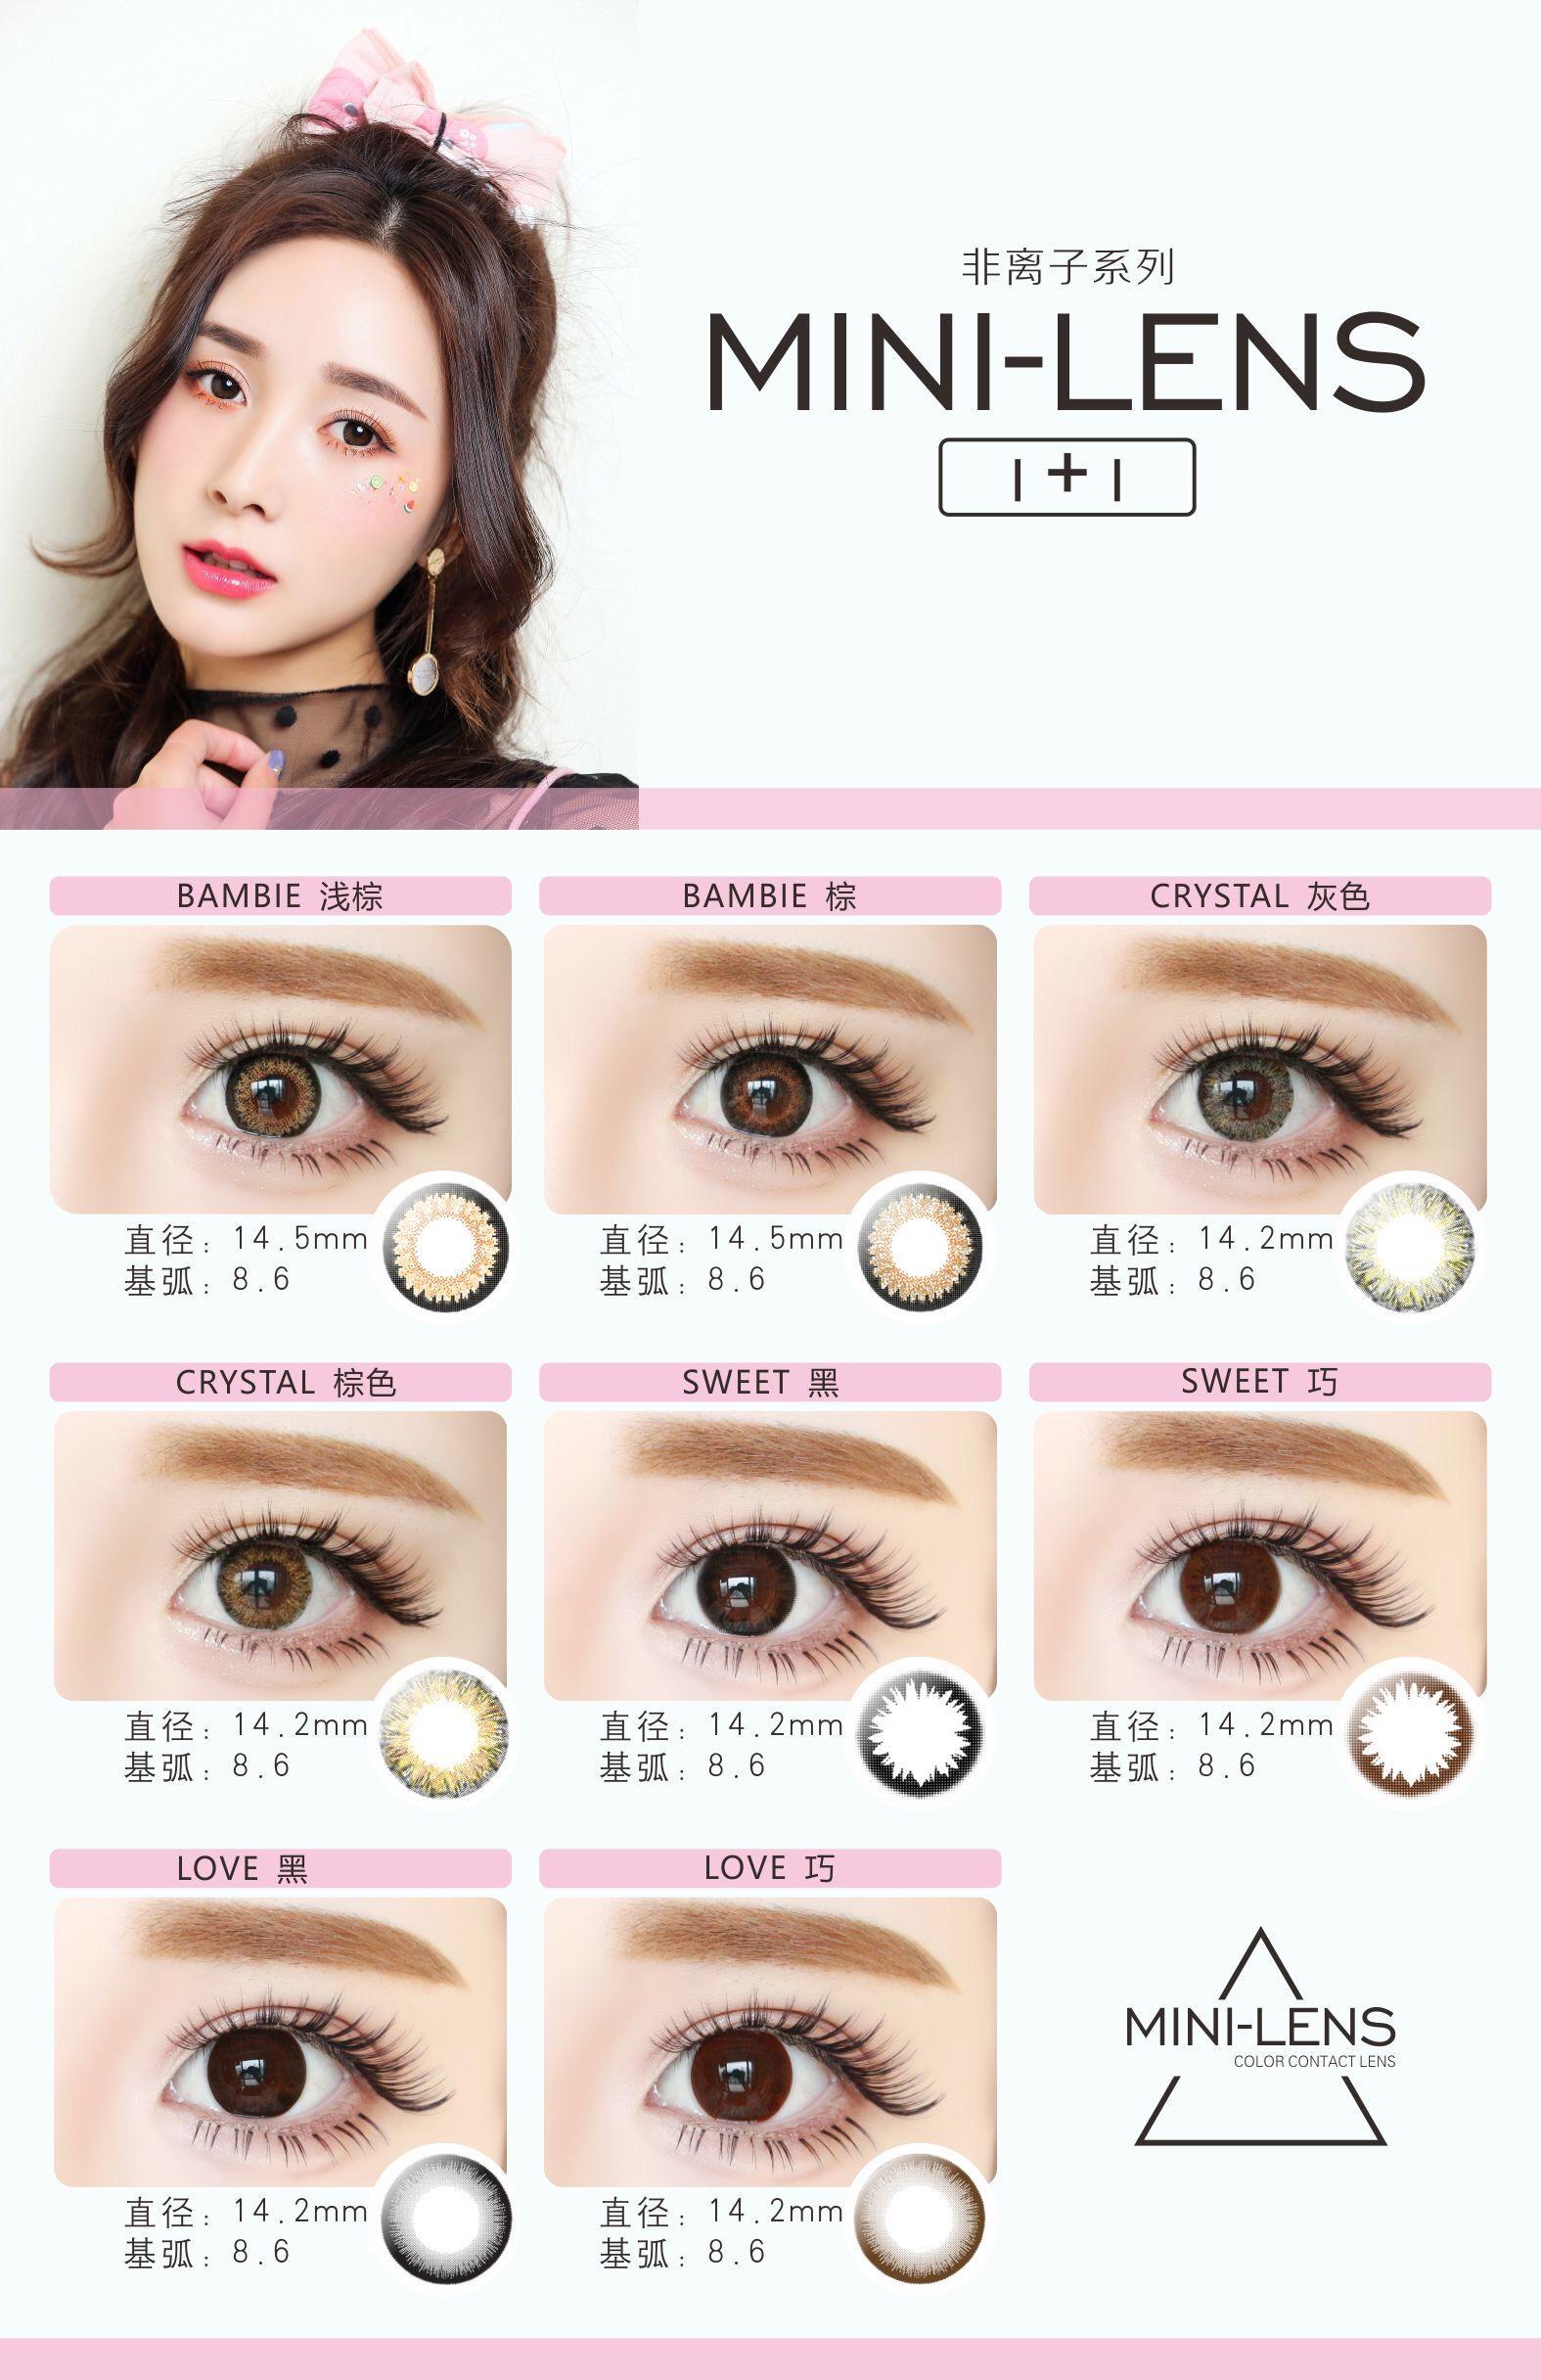 (4月)Mini-lens全新非离子系列上市